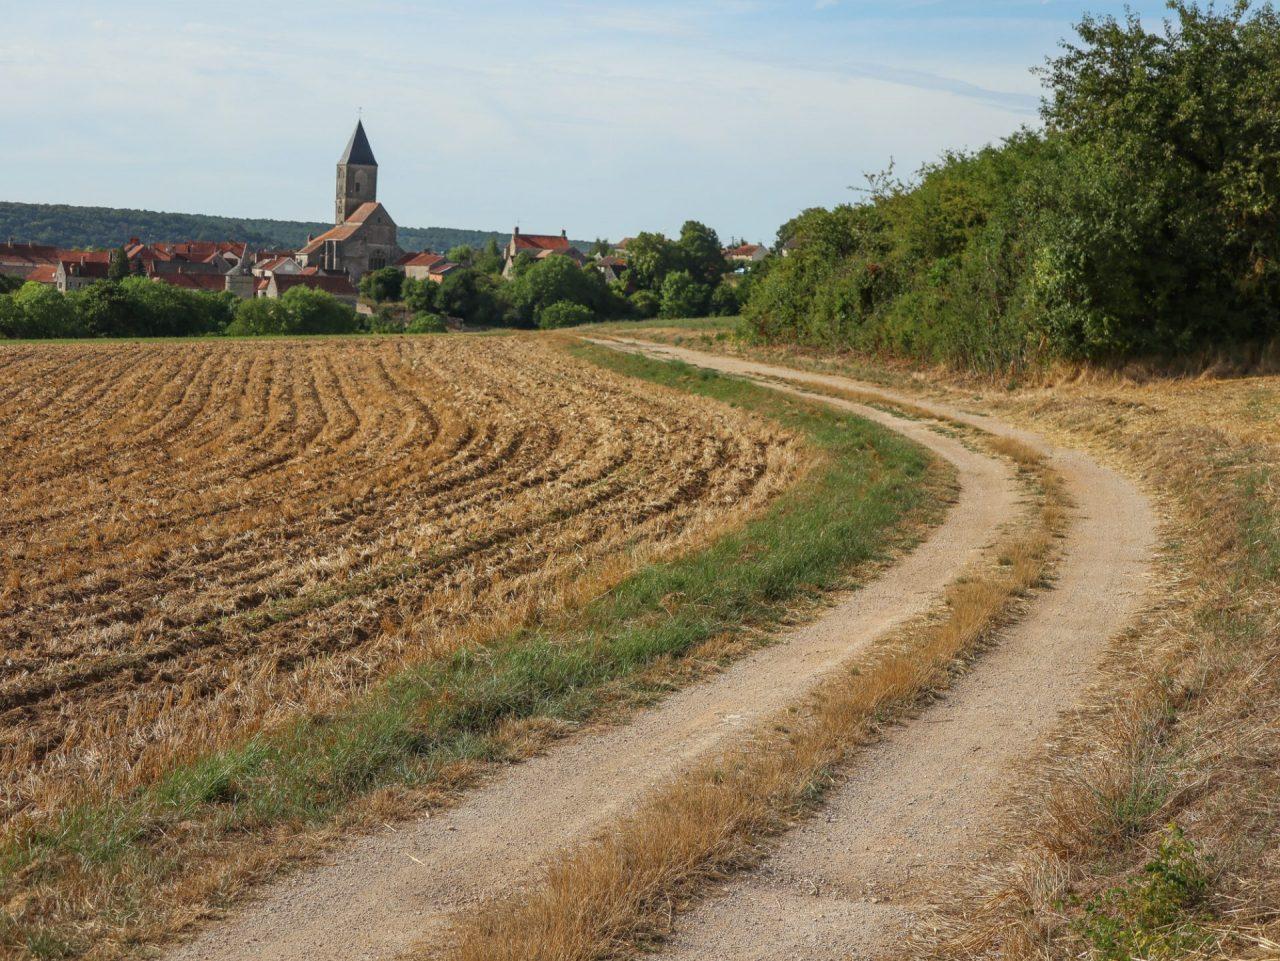 bourgogne-cote-d-or-rougemont-village-champs-labours